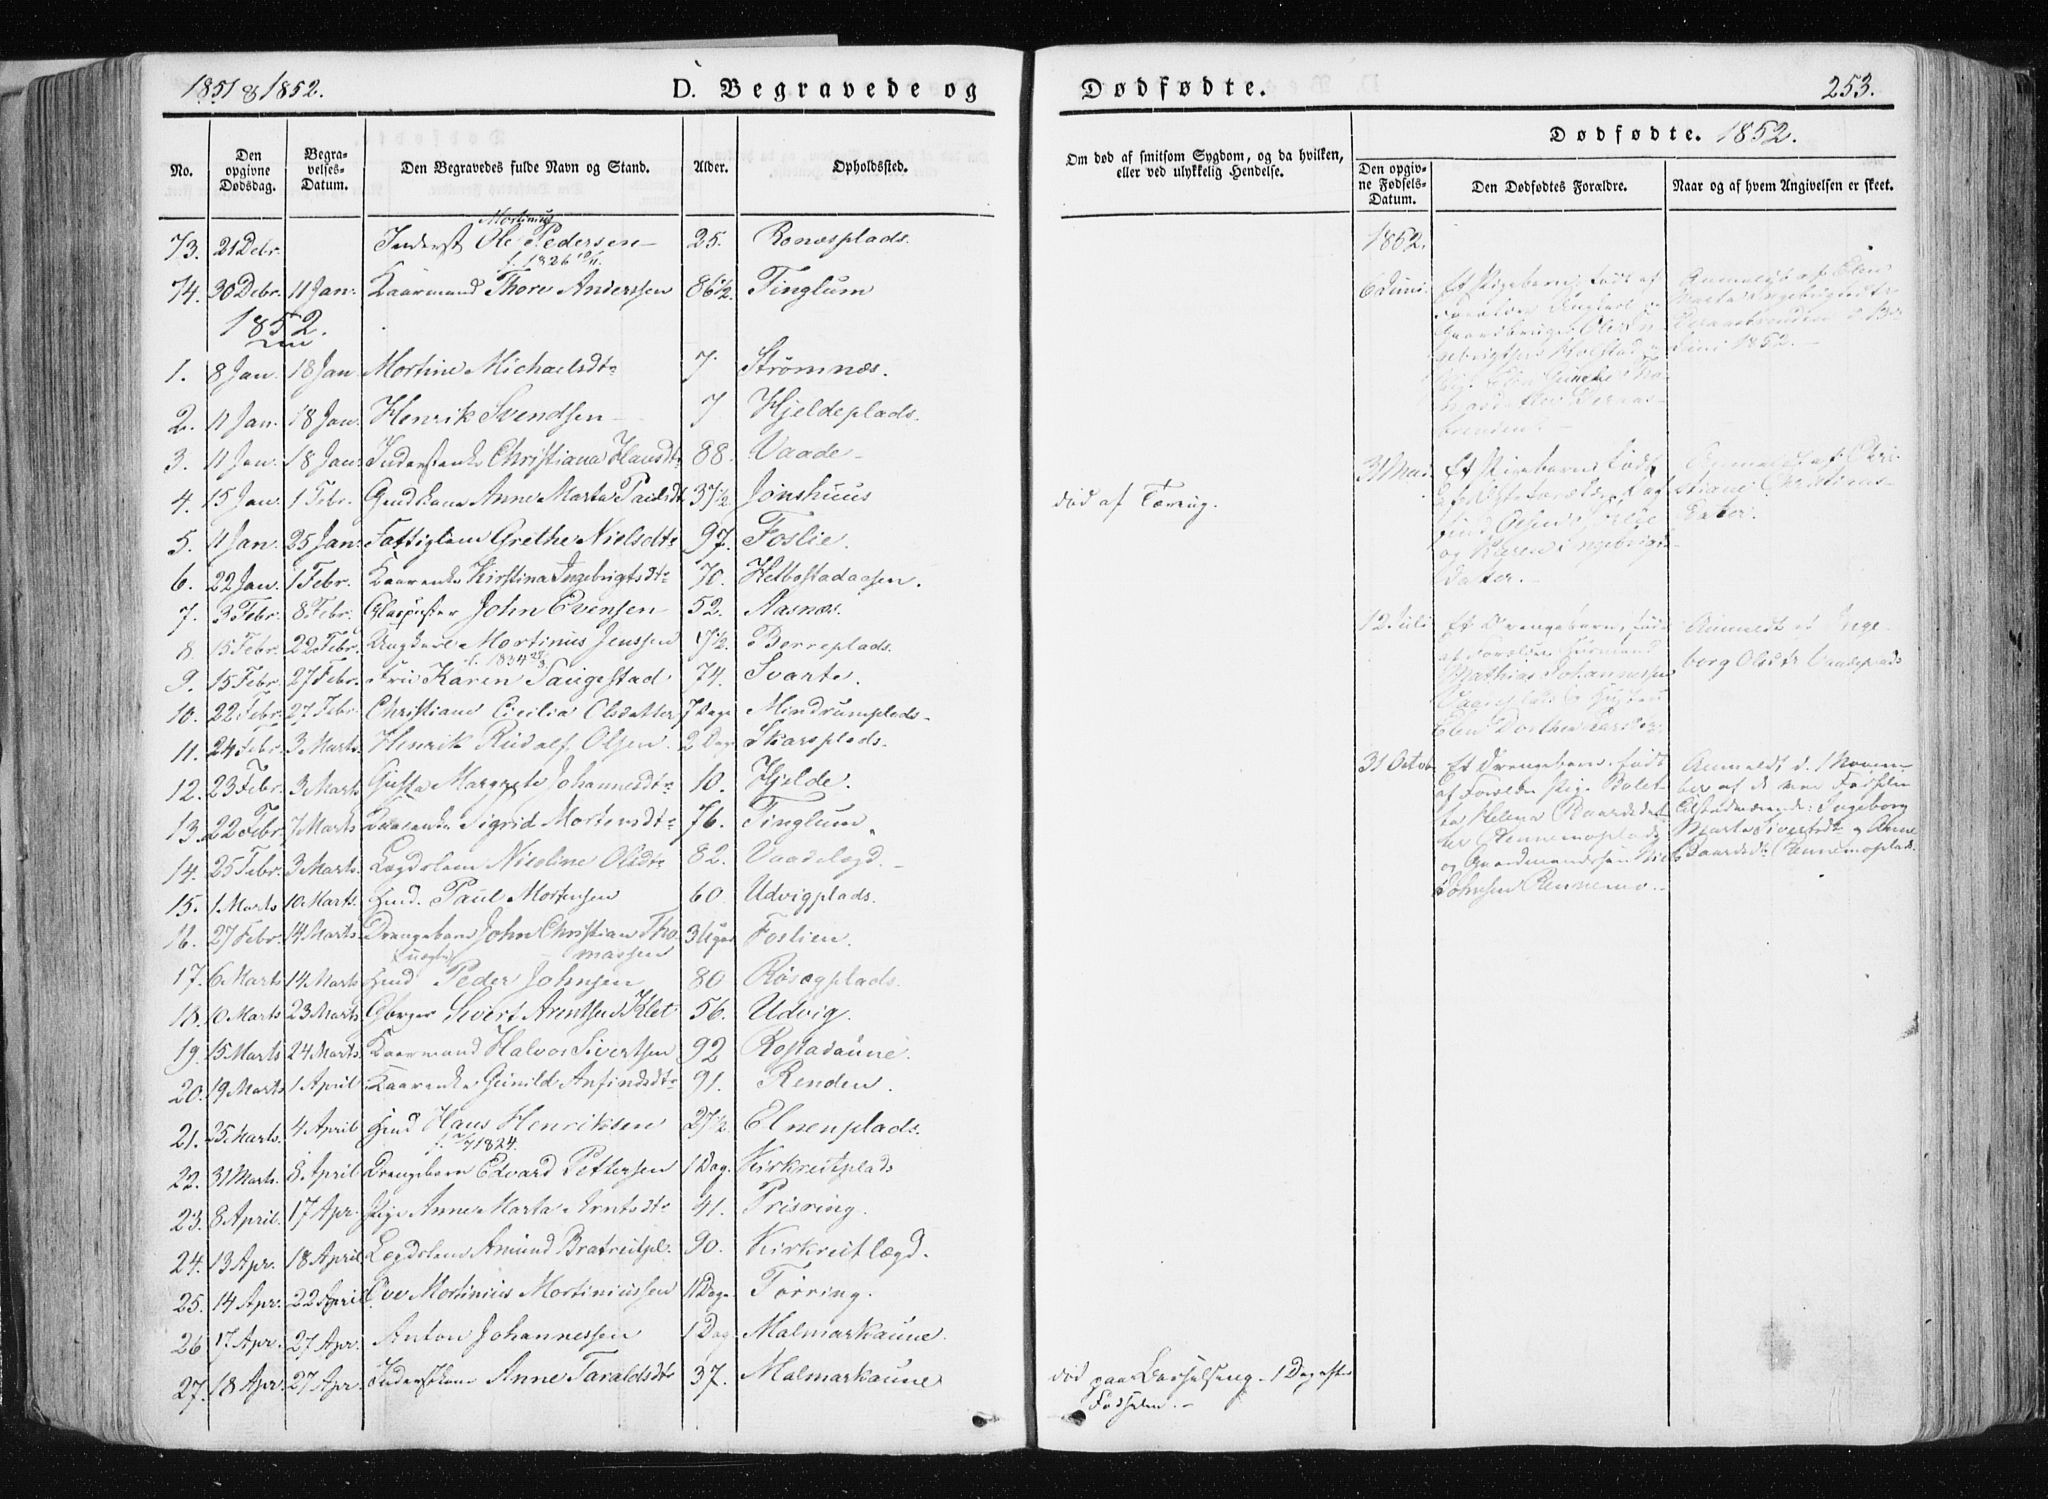 SAT, Ministerialprotokoller, klokkerbøker og fødselsregistre - Nord-Trøndelag, 741/L0393: Ministerialbok nr. 741A07, 1849-1863, s. 253